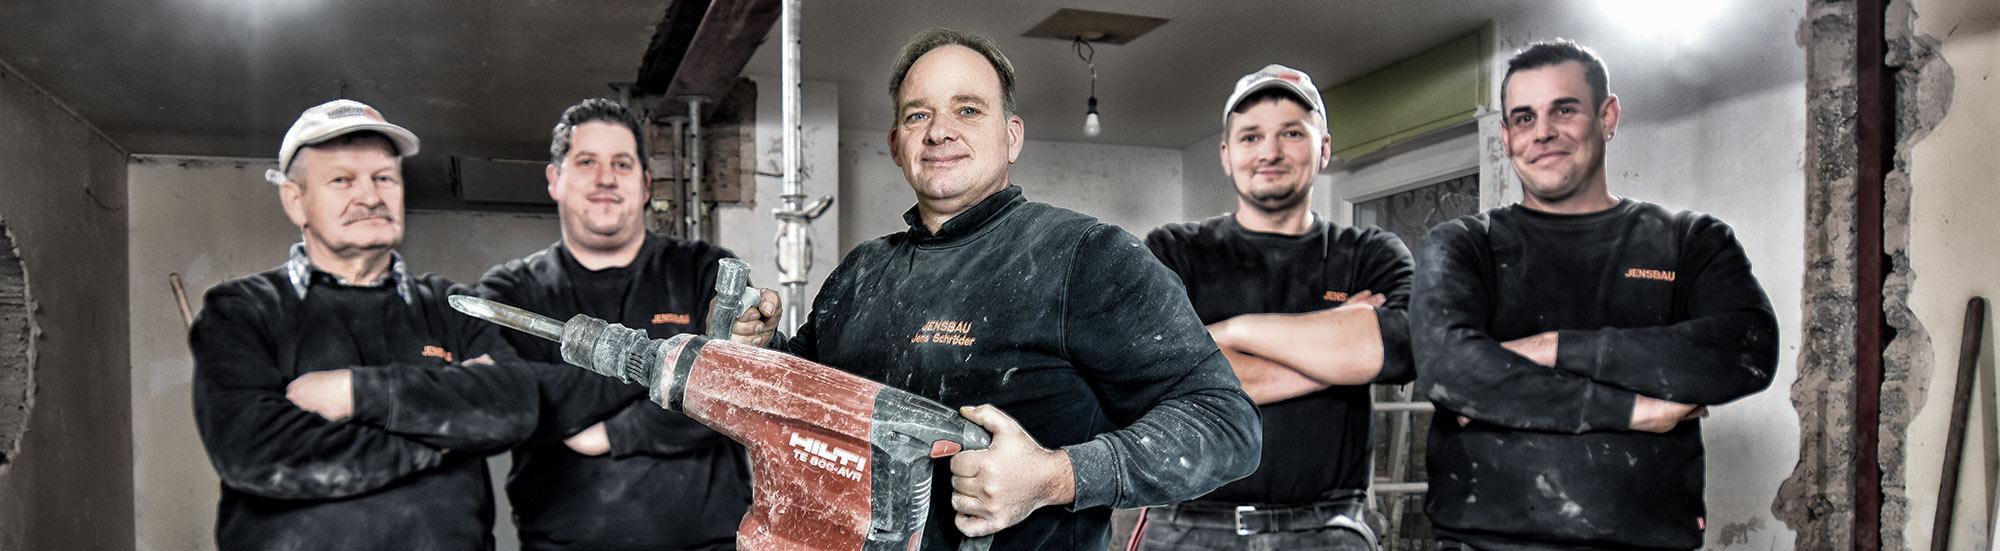 JensBau - Bauunternehmen aus Karlsruhe und Ettlingen